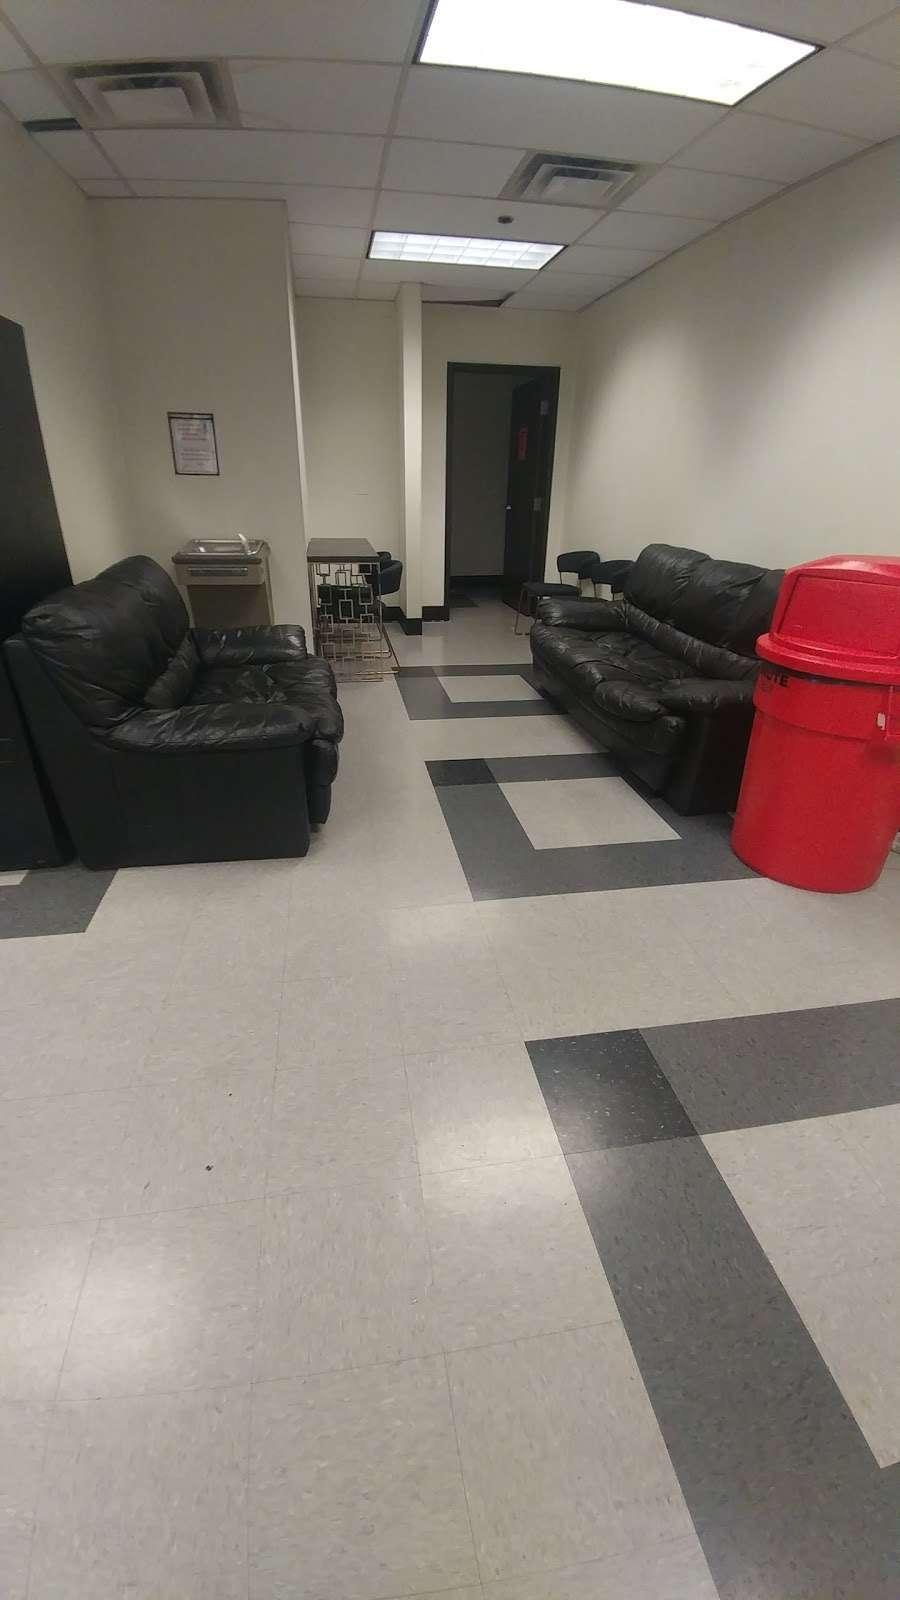 Wayfair Carol Stream Warehouse - storage  | Photo 2 of 4 | Address: 815 Kimberly Dr, Carol Stream, IL 60188, USA